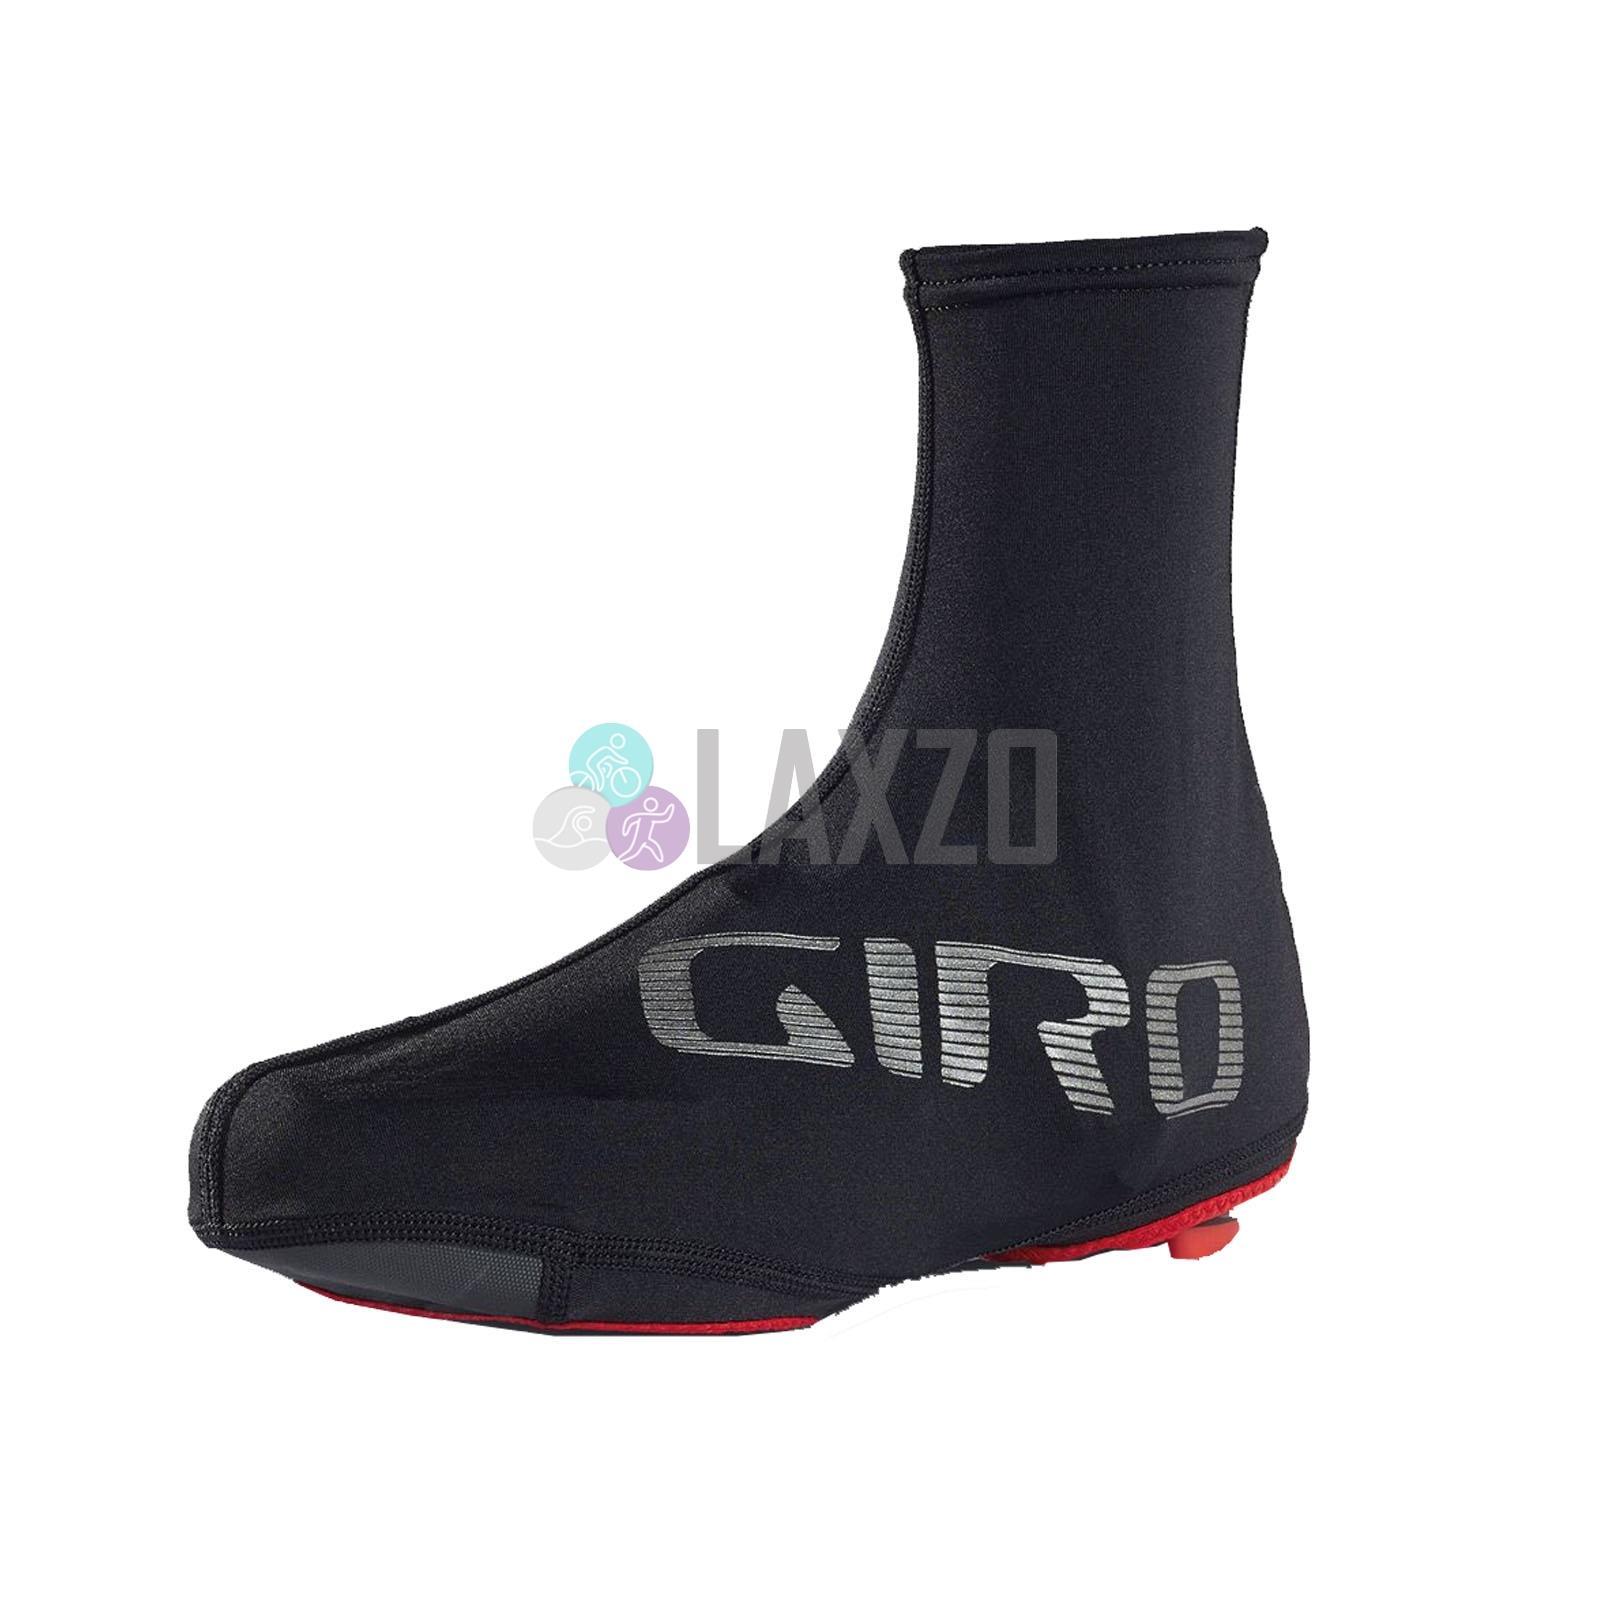 Giro Ultralight Aero No-Zip Shoe Covers 2017